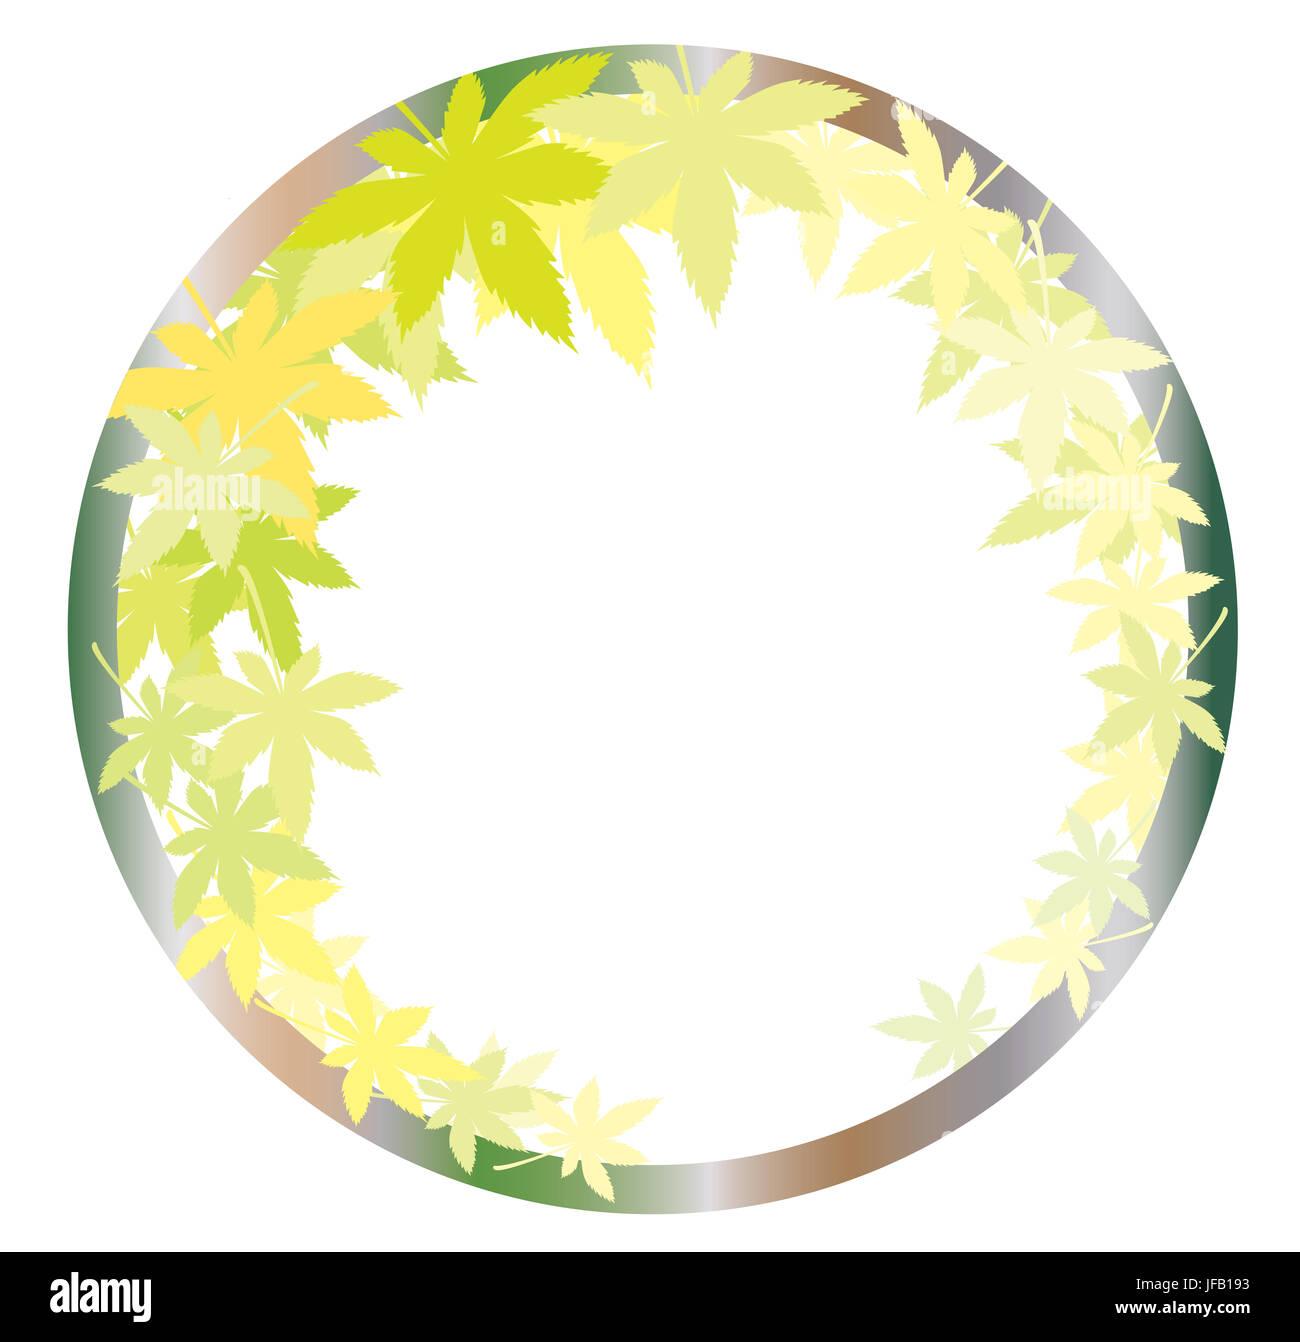 Arces en otoño las hojas con diferentes matices de colores Imagen De Stock